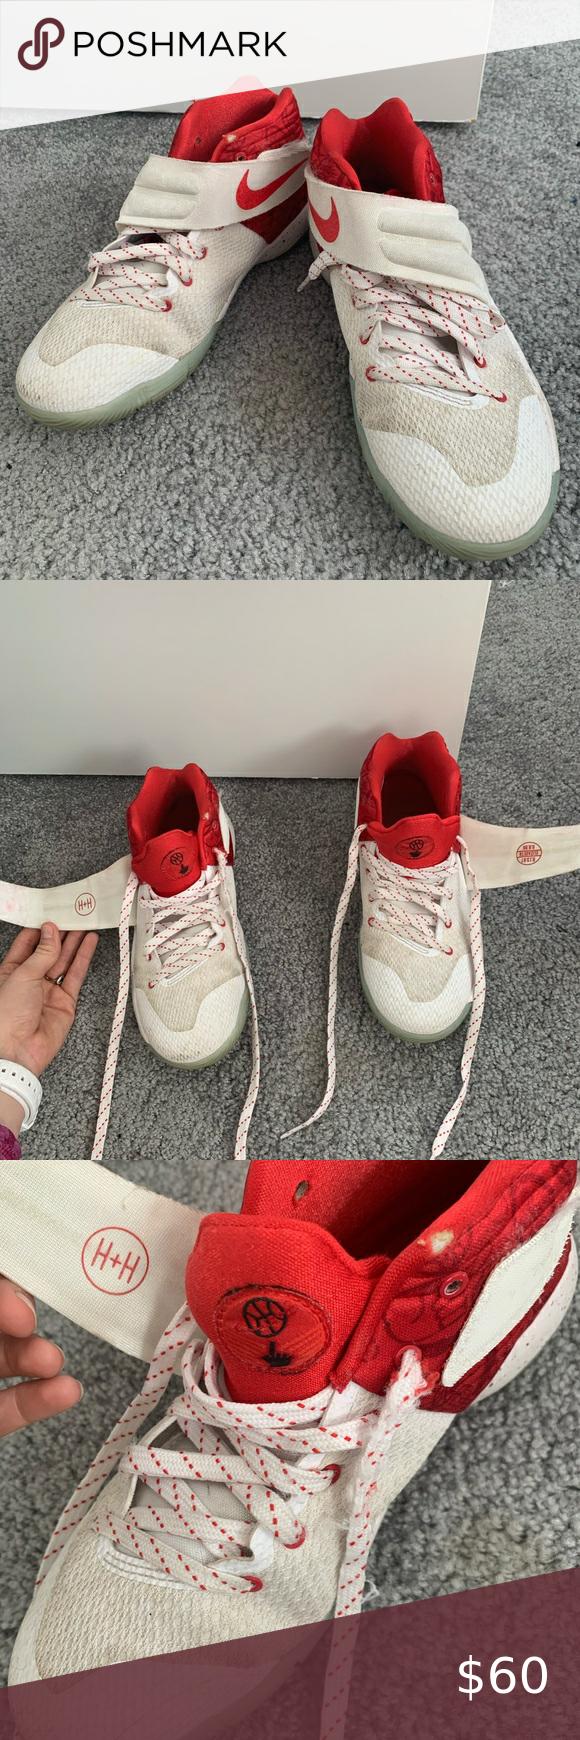 USED Kyrie Irving Sneakers in 2020 Kyrie irving sneakers